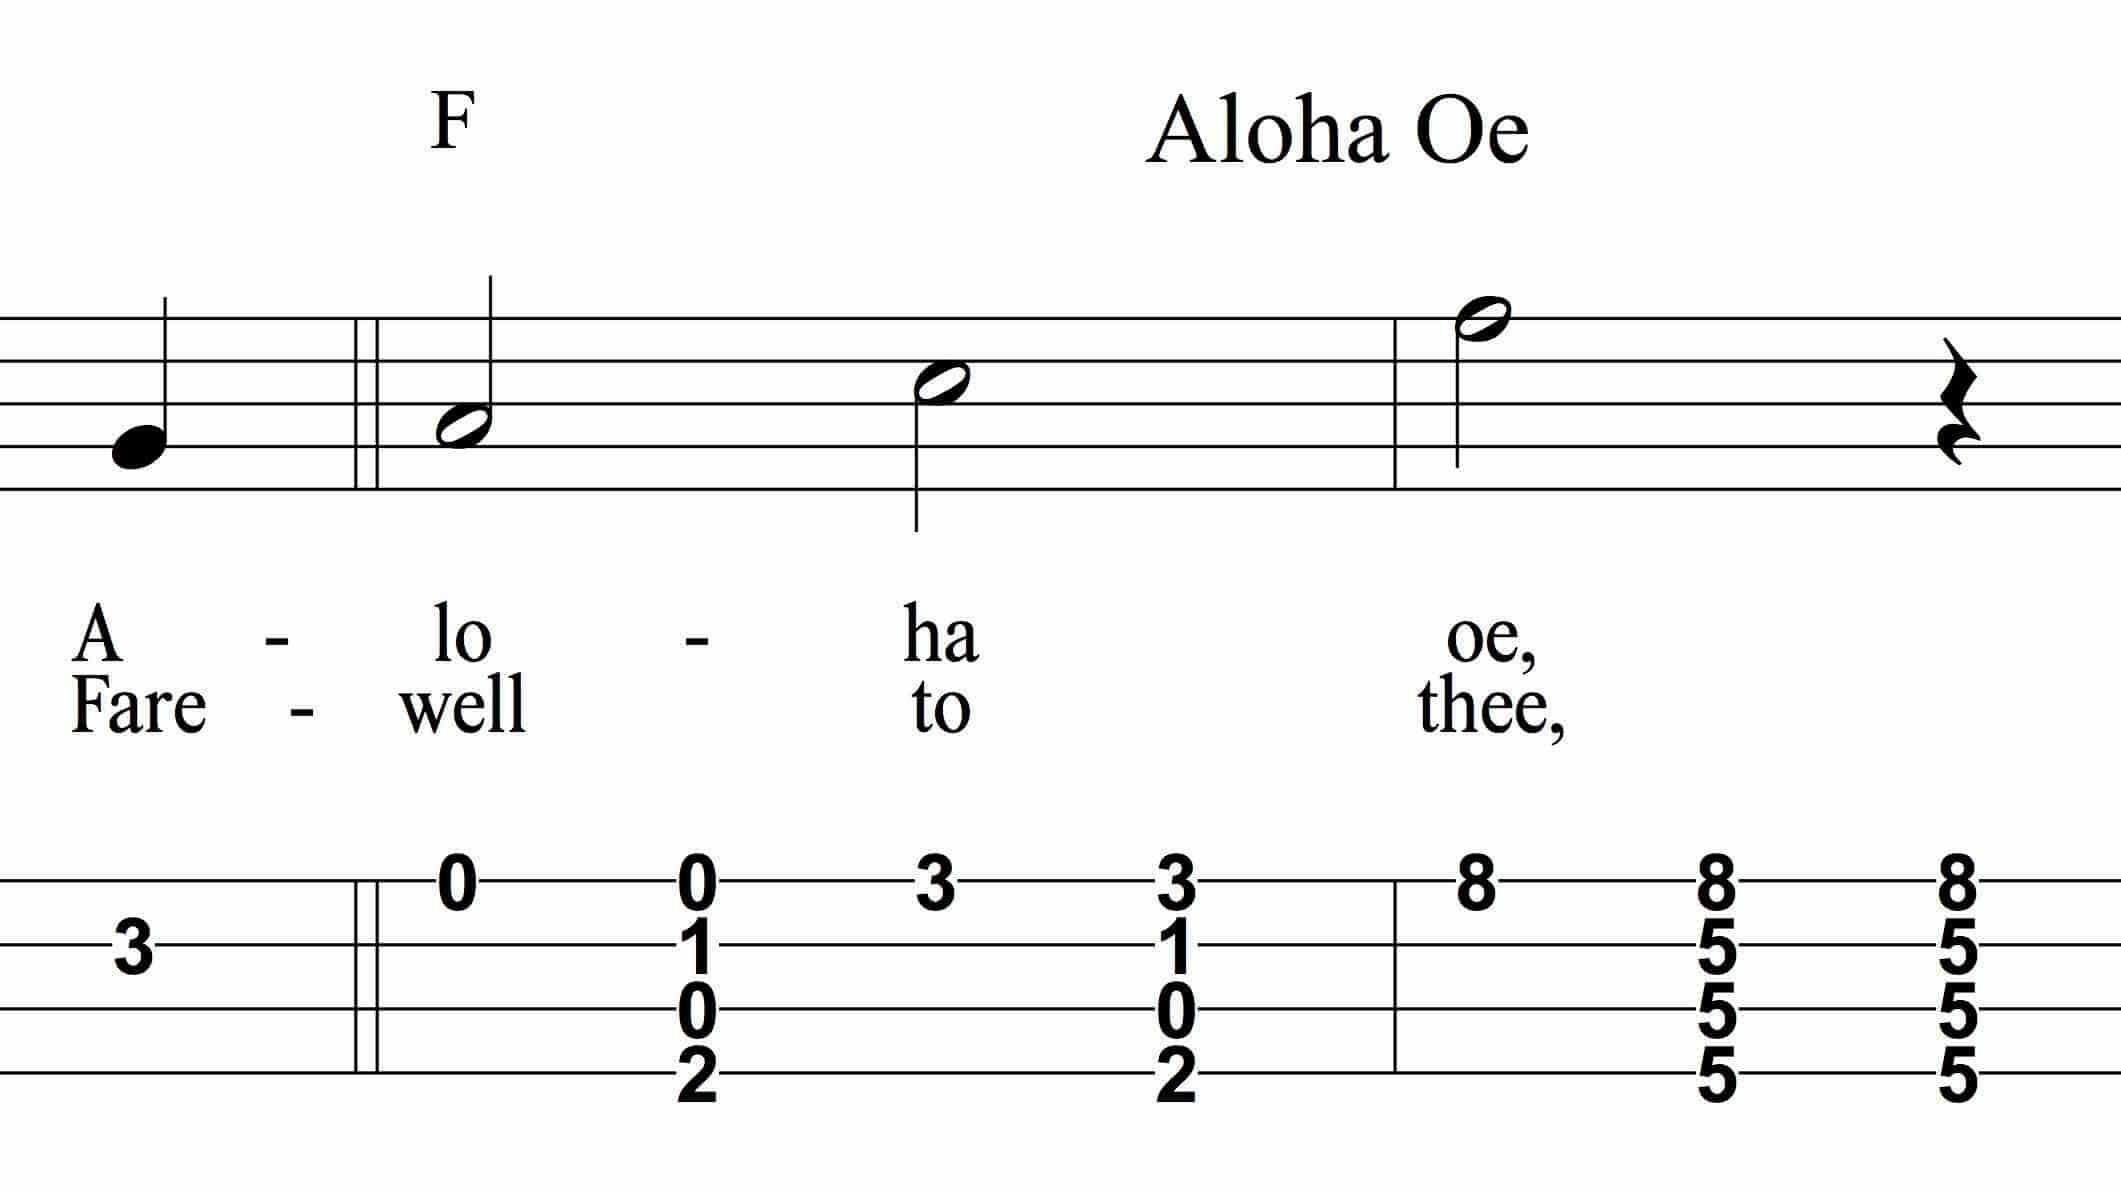 Aloha Oe snip